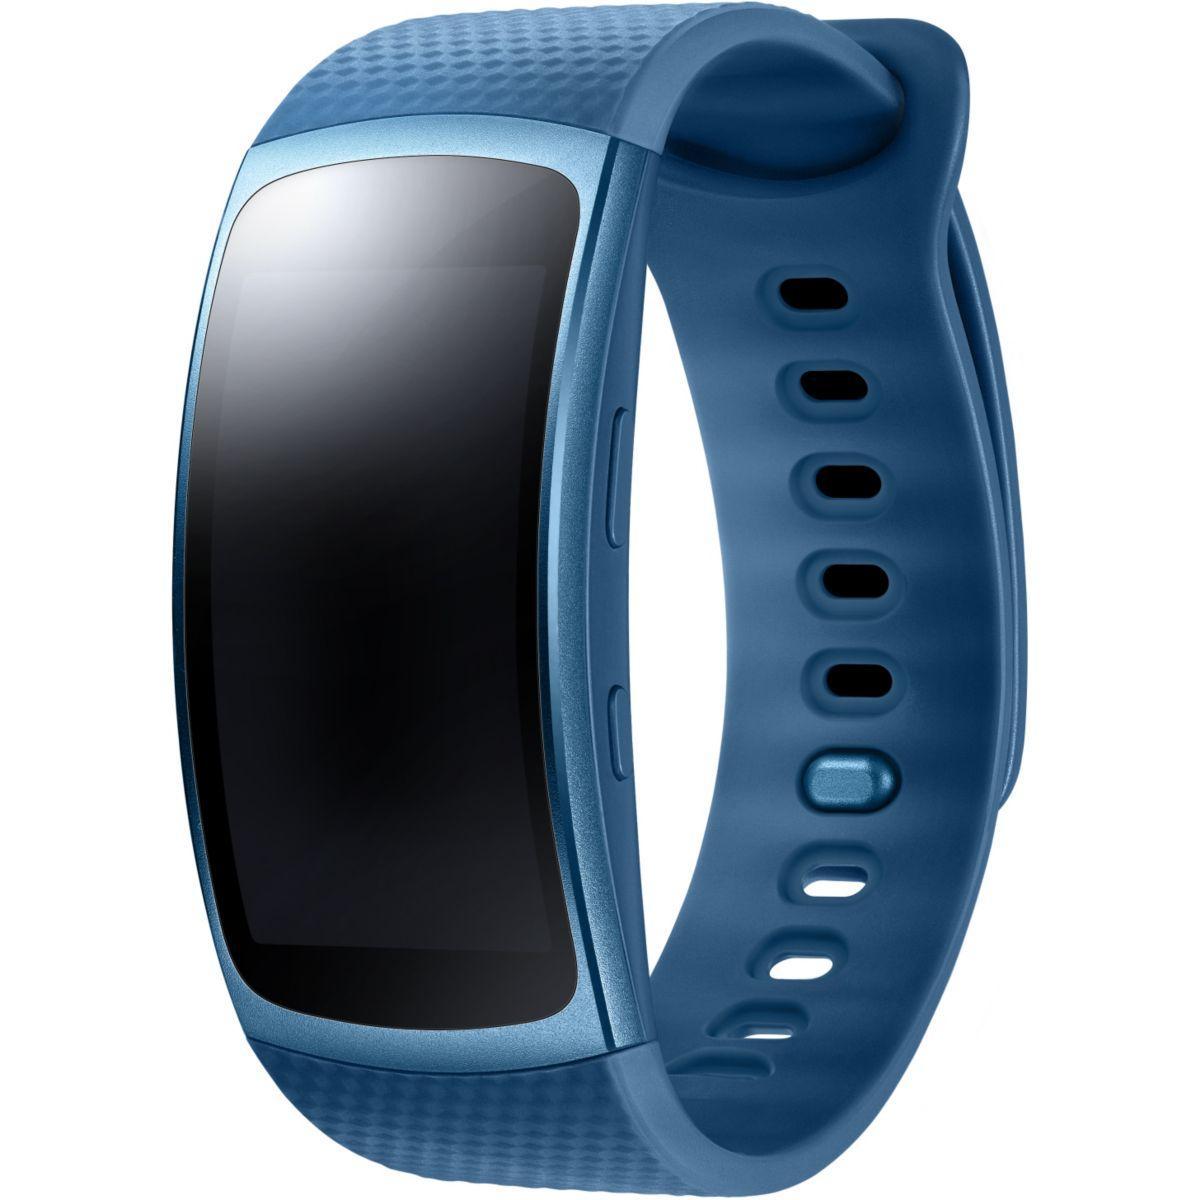 Montre connectée samsung gear fit 2 bleu taille s - 7% de remise immédiate avec le code : cool7 (photo)